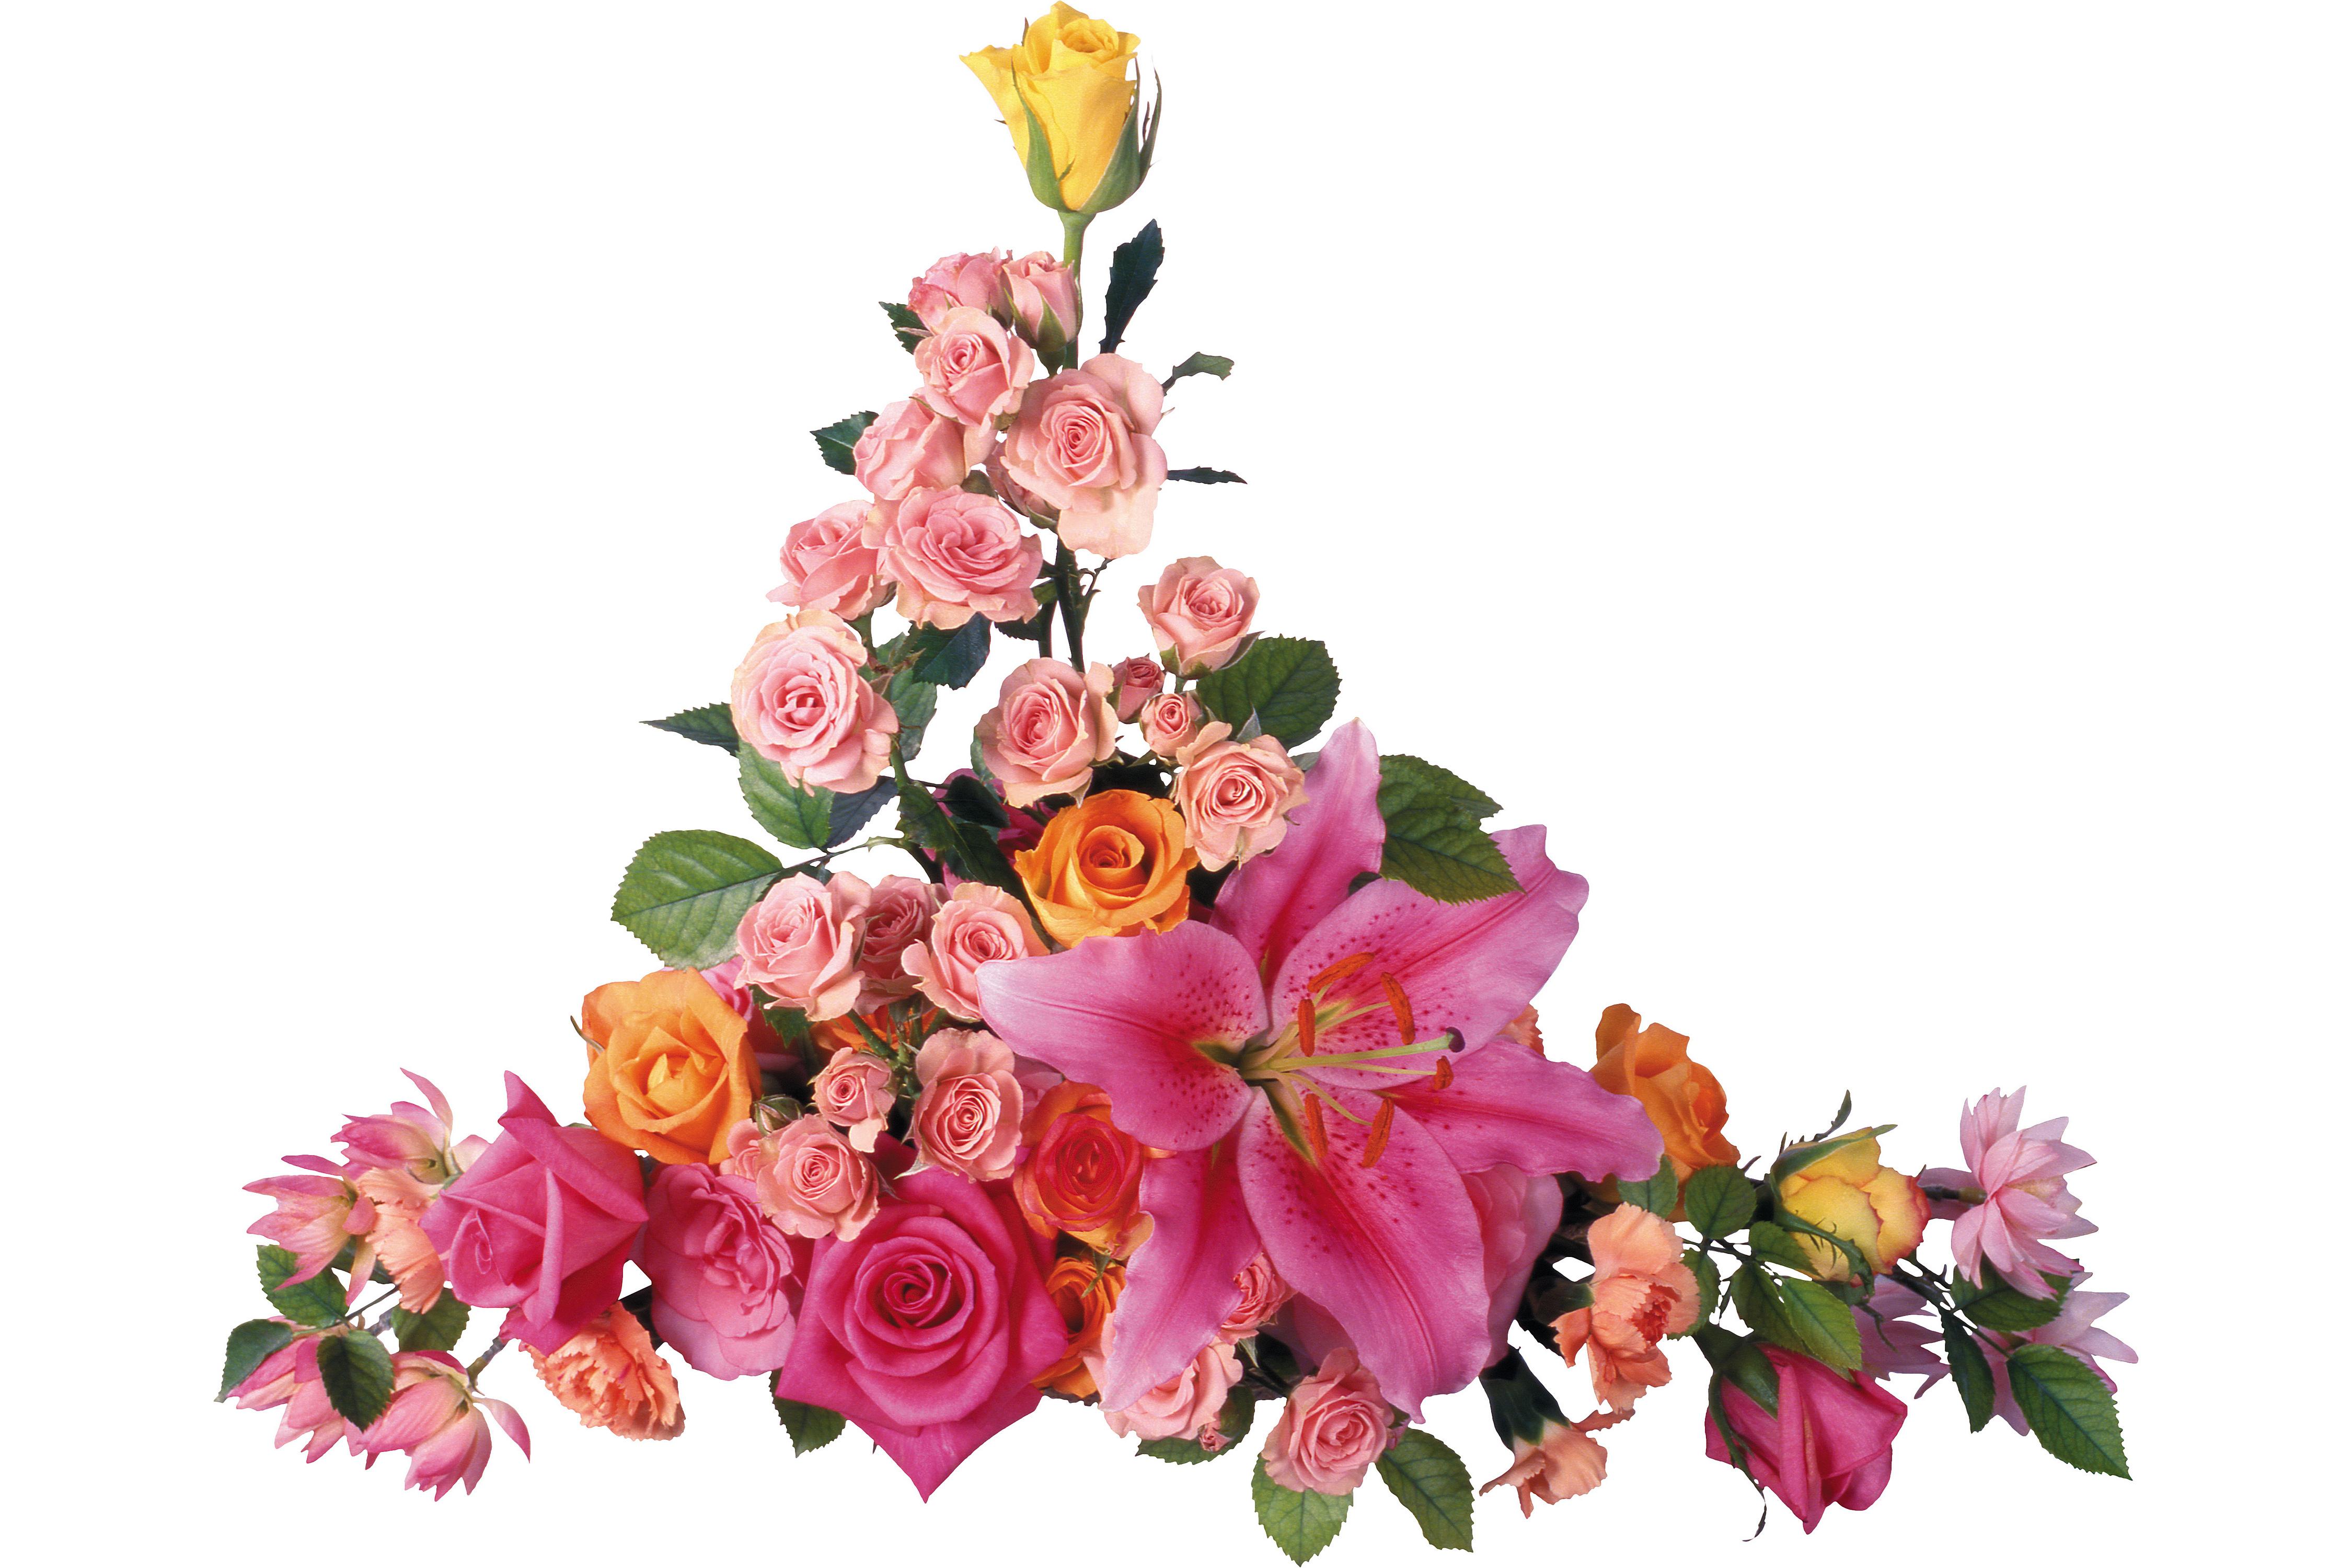 4500x3000 Rosas Lírio Buquê Fundo branco flor, buquês, rosa Flores